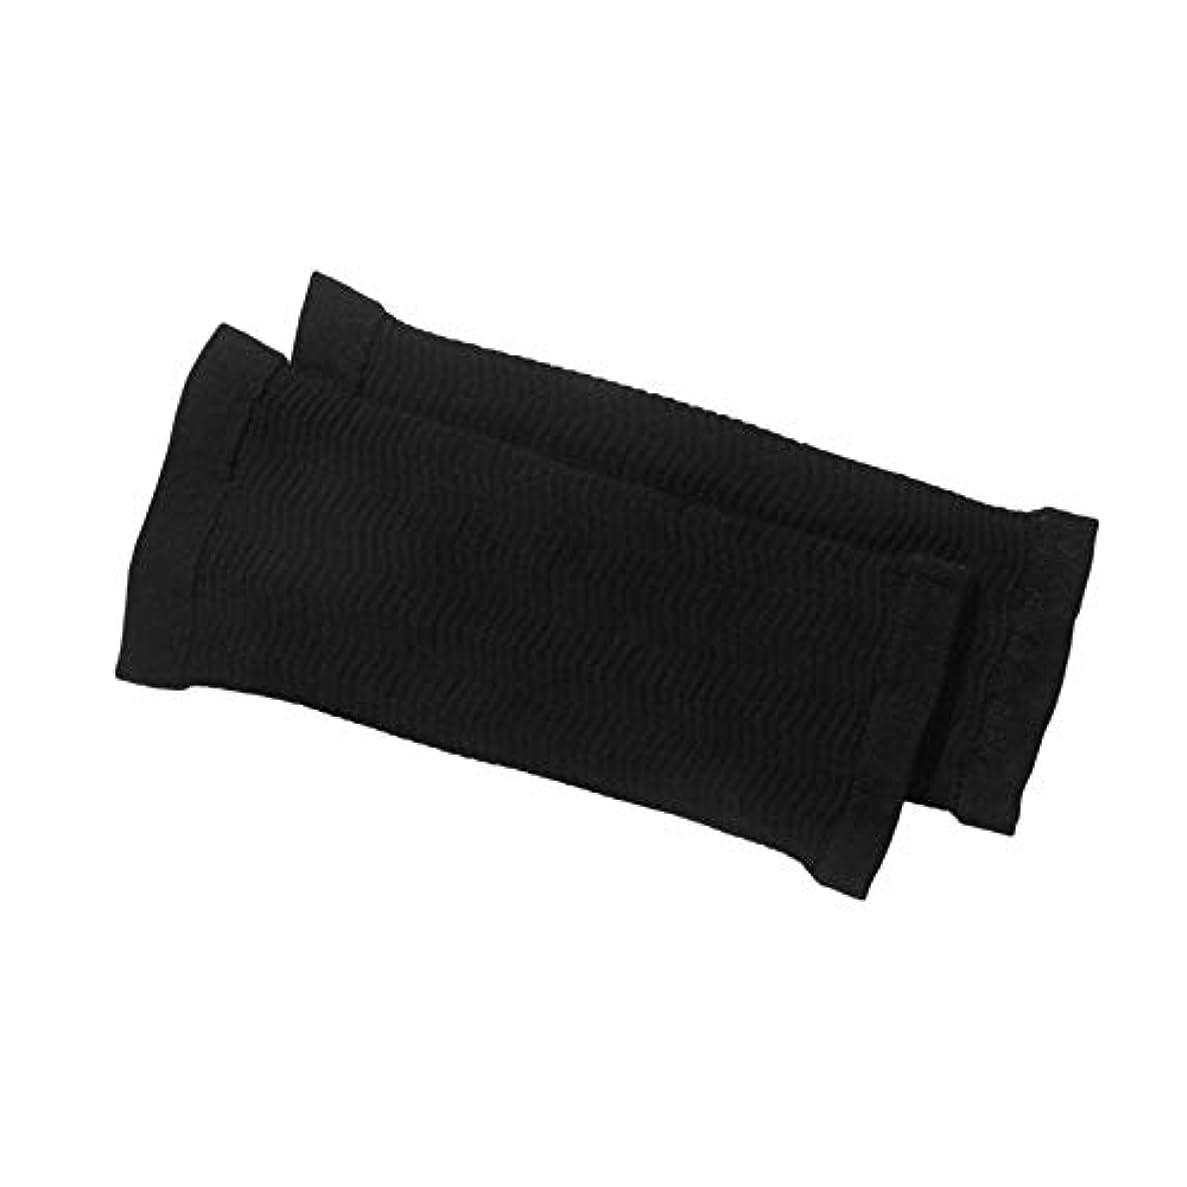 失う最悪ガイド1ペア420 D圧縮痩身アームスリーブワークアウトトーニングバーンセルライトシェイパー脂肪燃焼袖用女性 - 黒